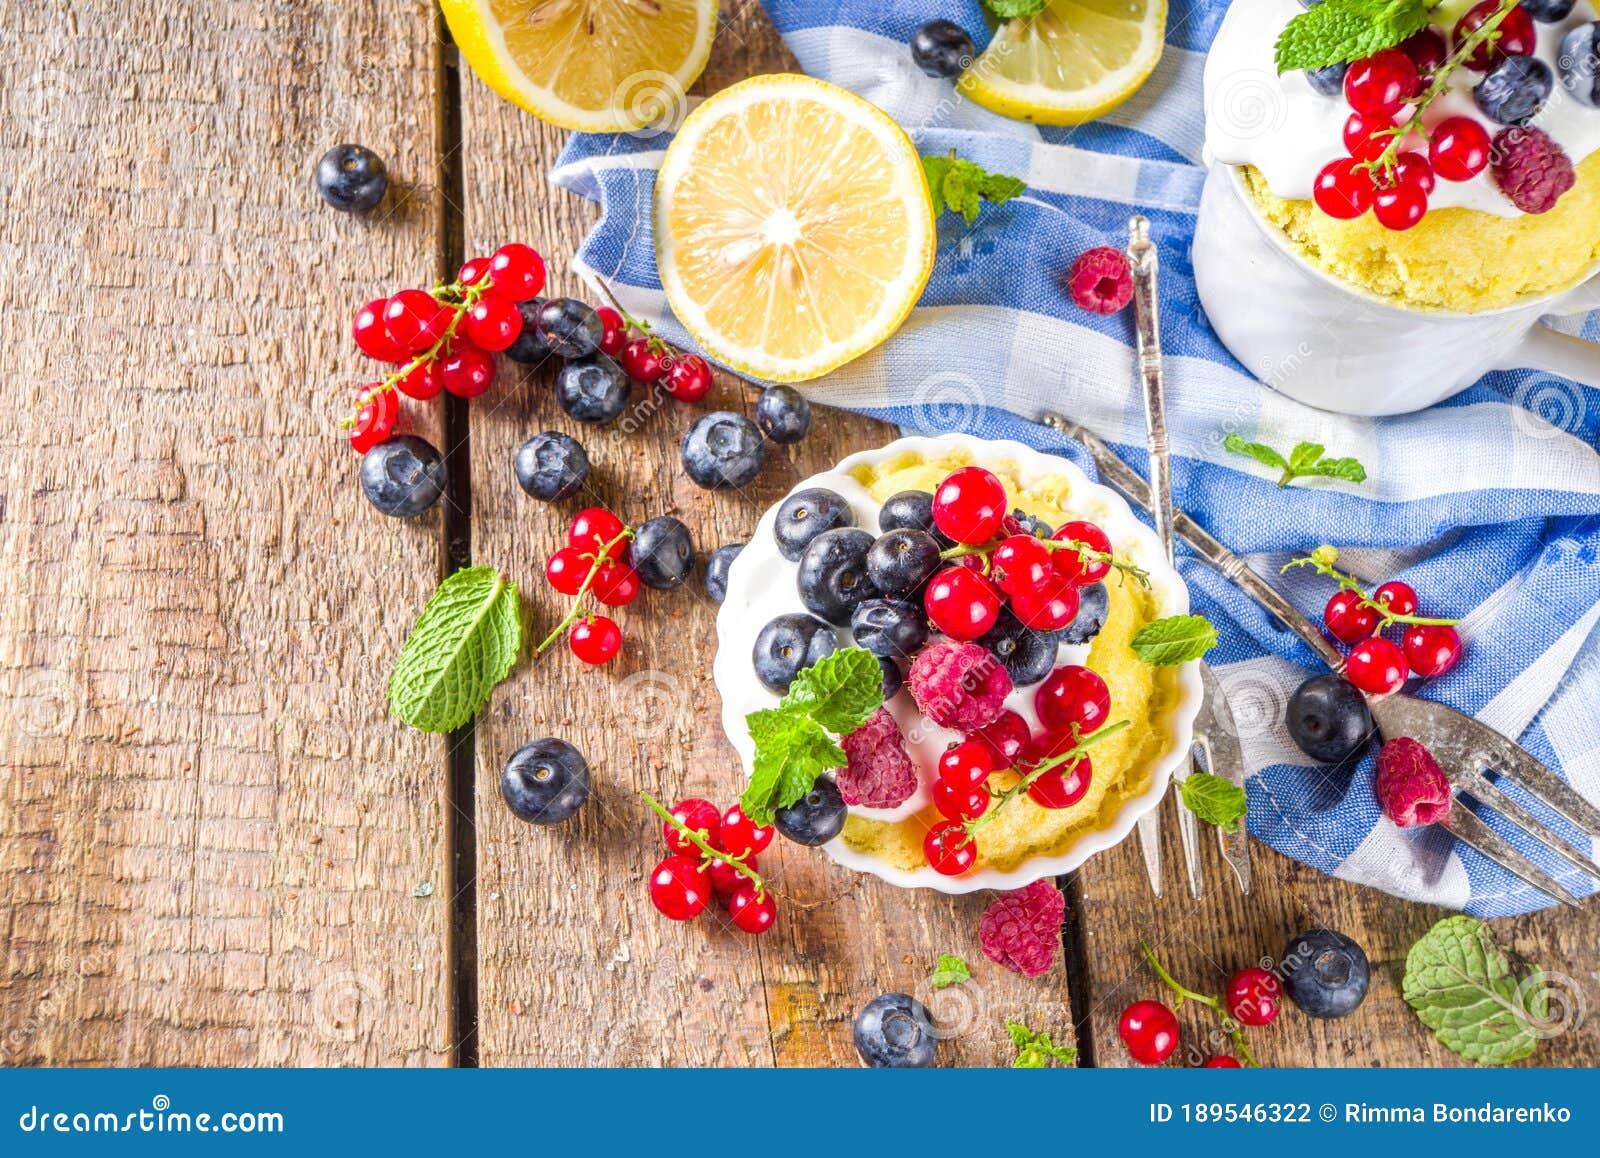 Lemon Mug Cake Stock Photo Image Of Meal Fast Mugcake 189546322